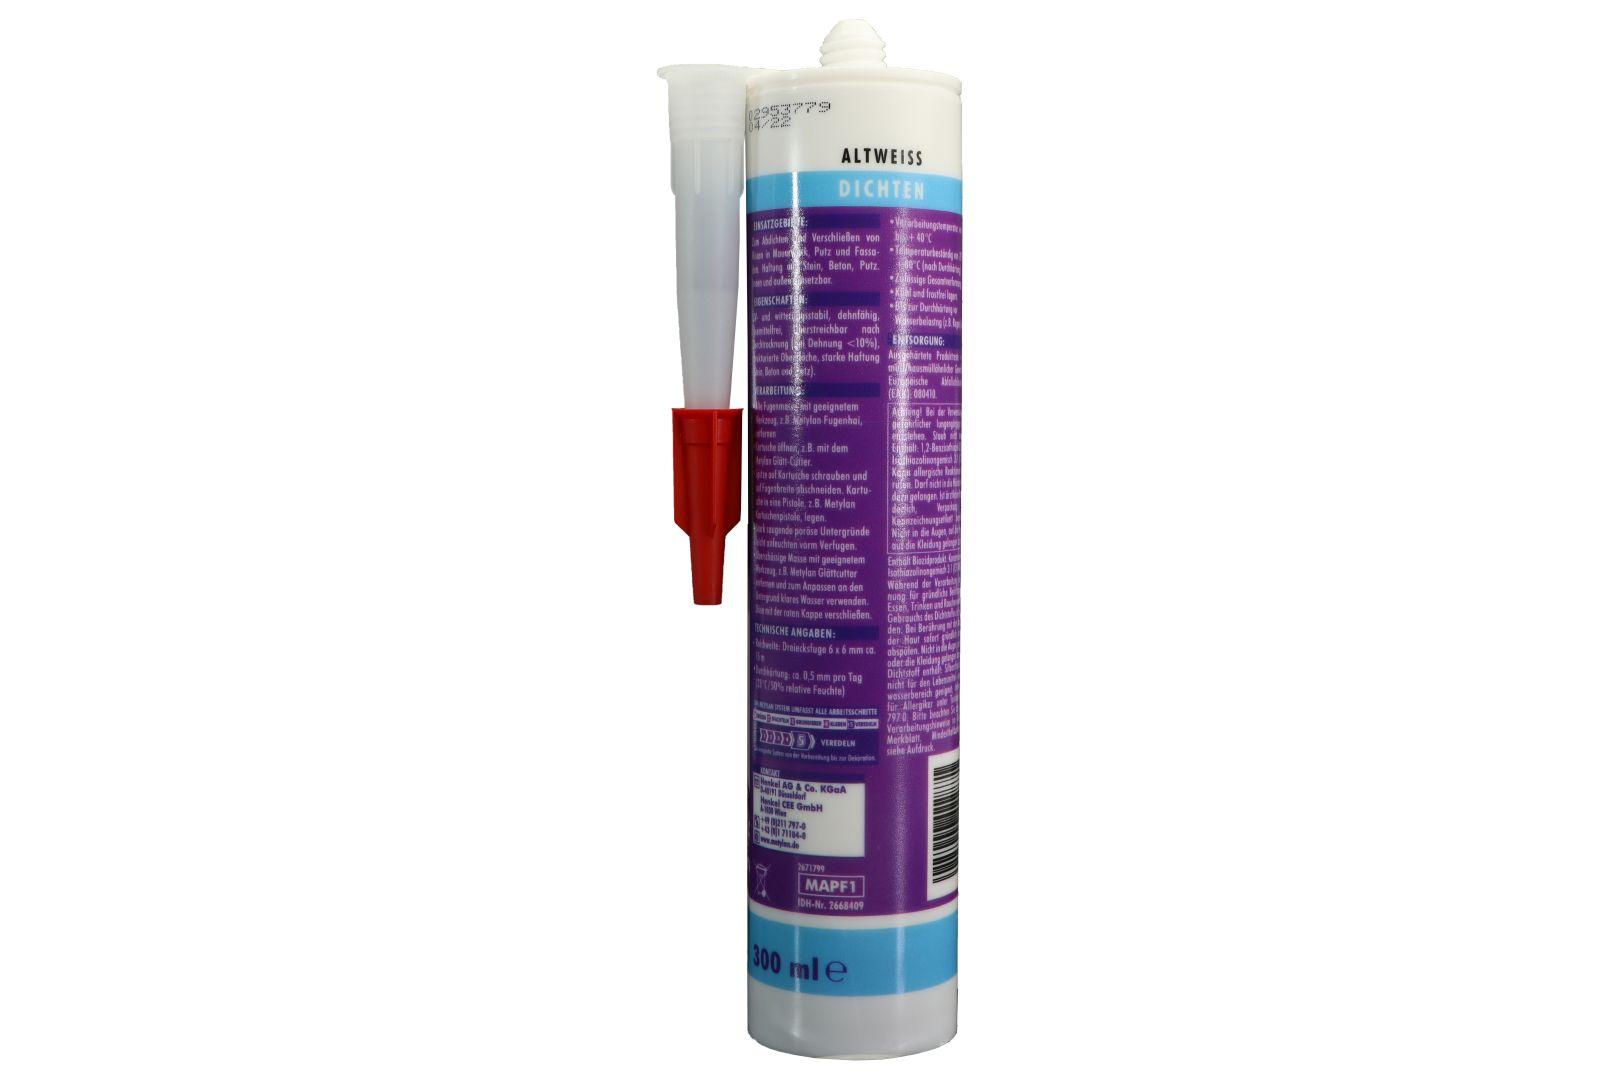 Metylan Struktur-Acryl für Wand und Decke, innen und außen, 300 ml, altweiß